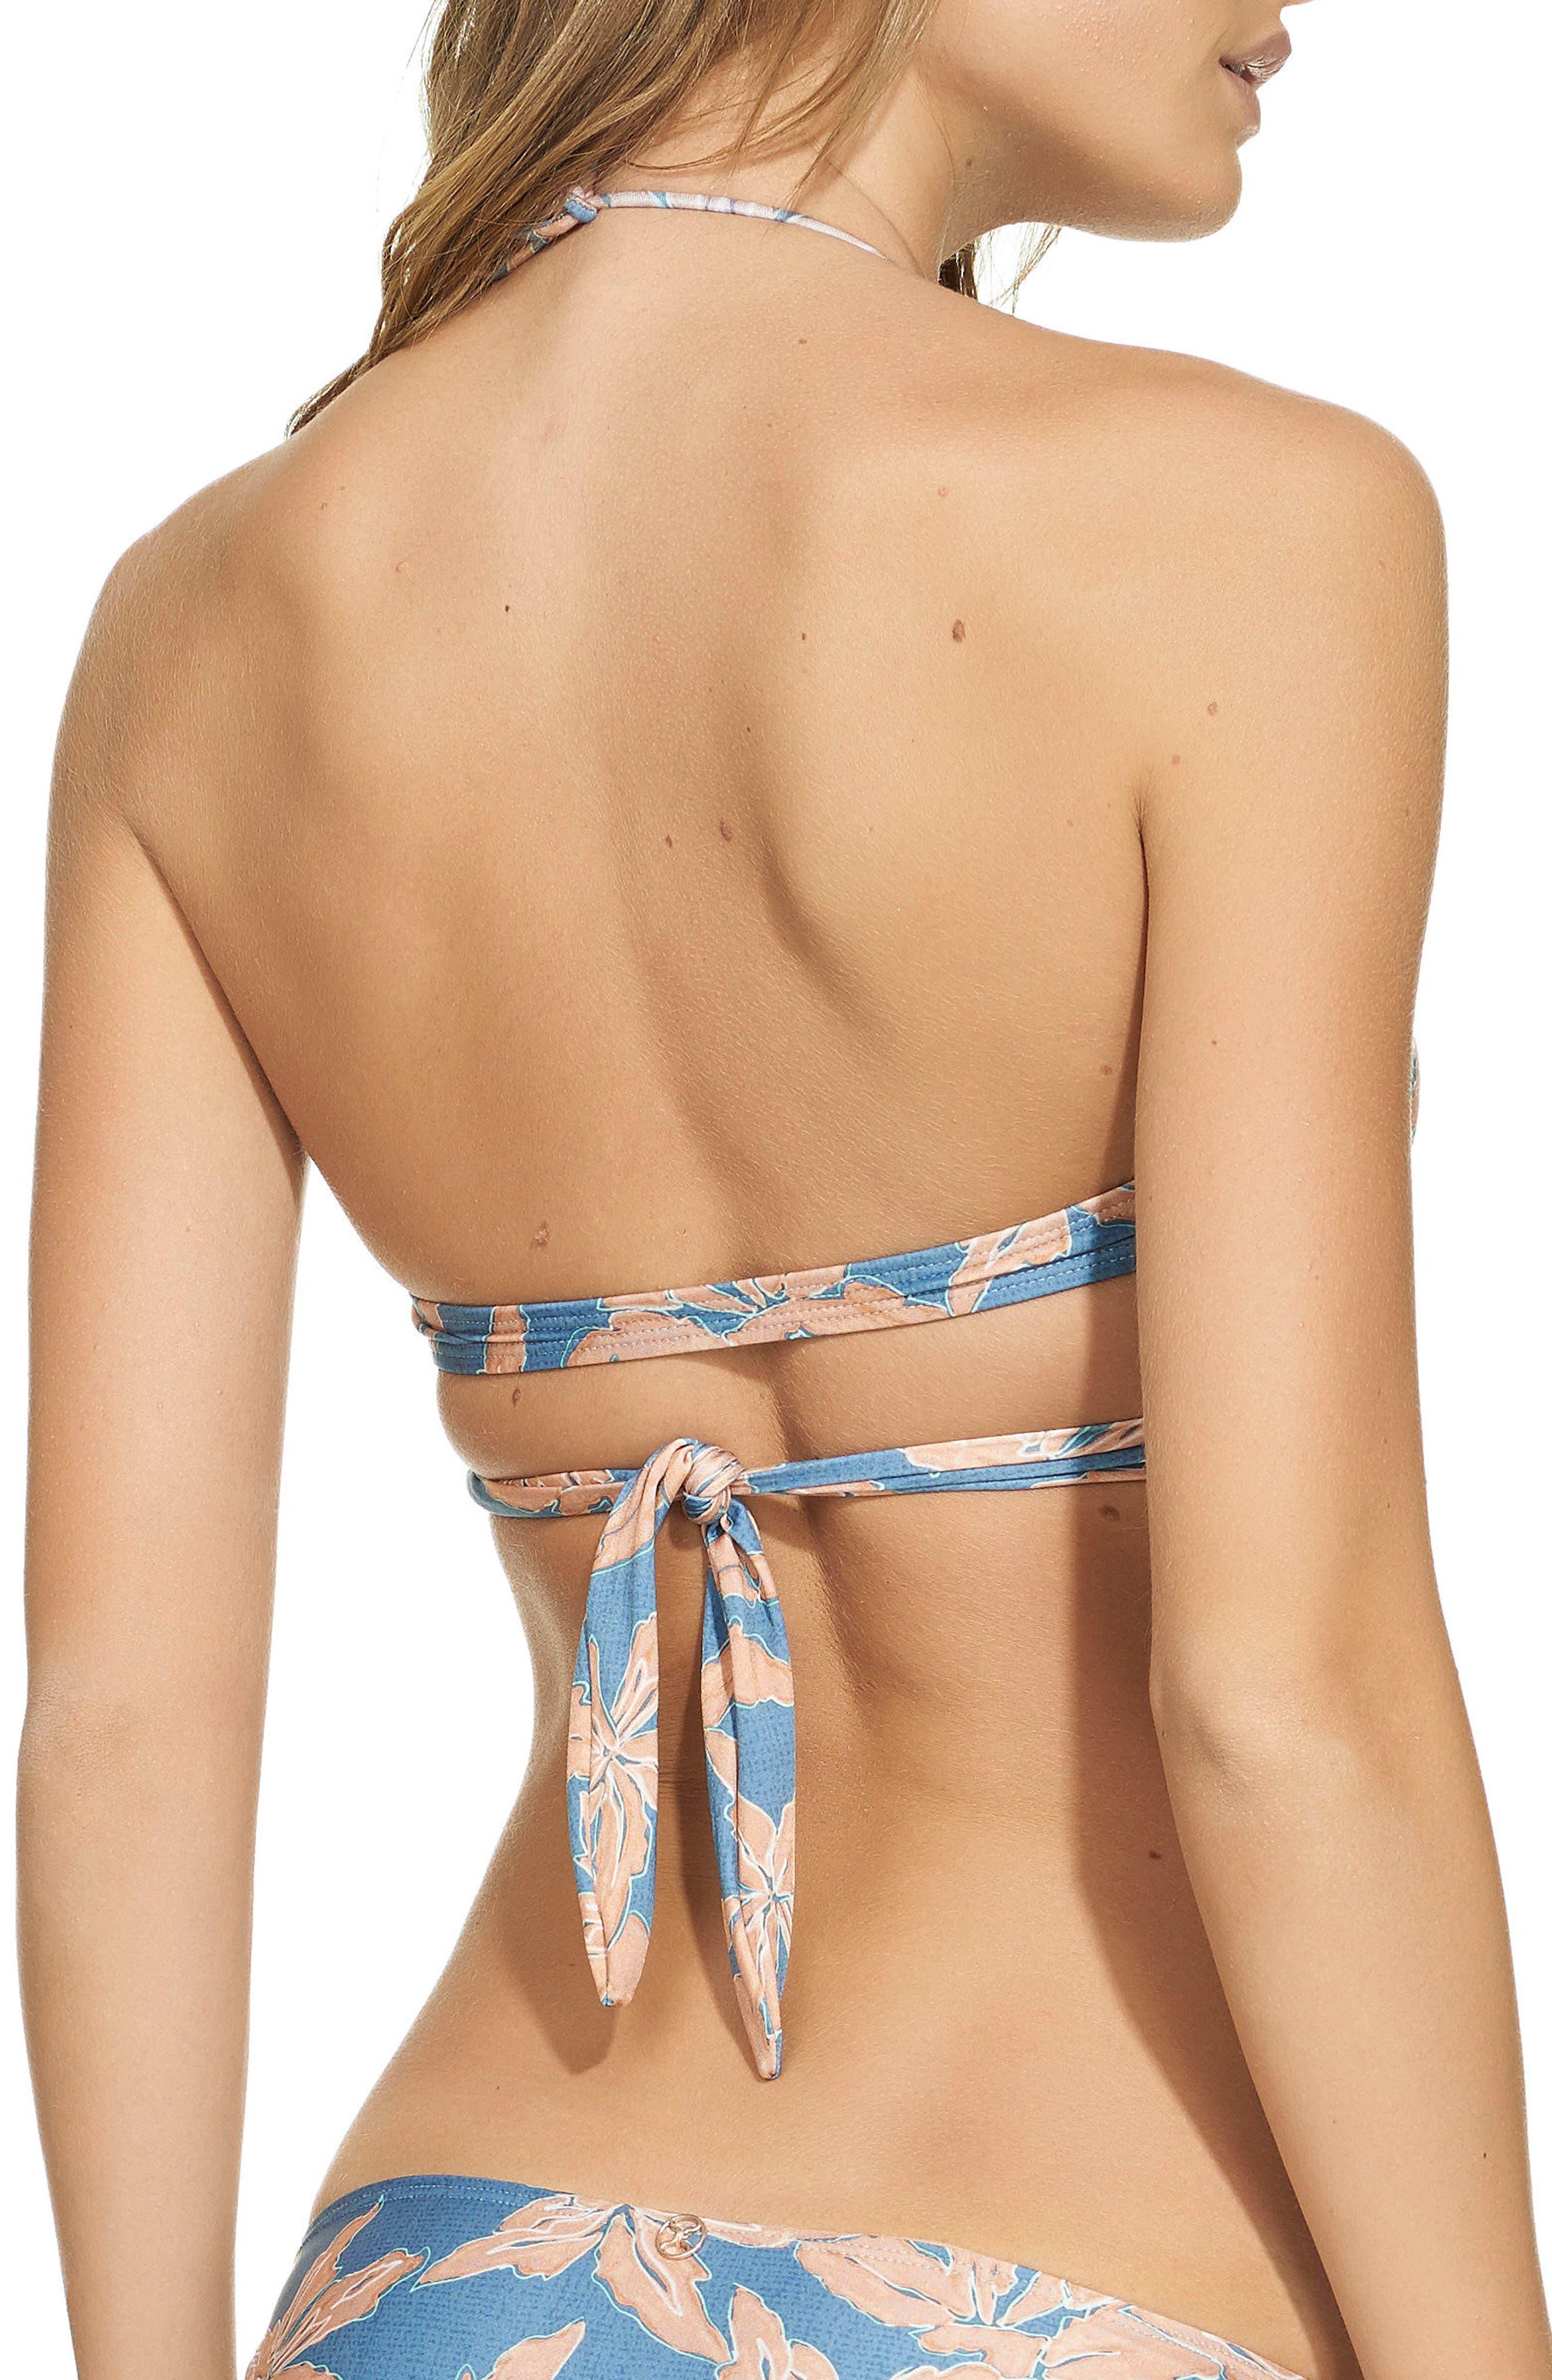 ViX Margarita Middle Loop Bikini Top,                             Alternate thumbnail 2, color,                             400